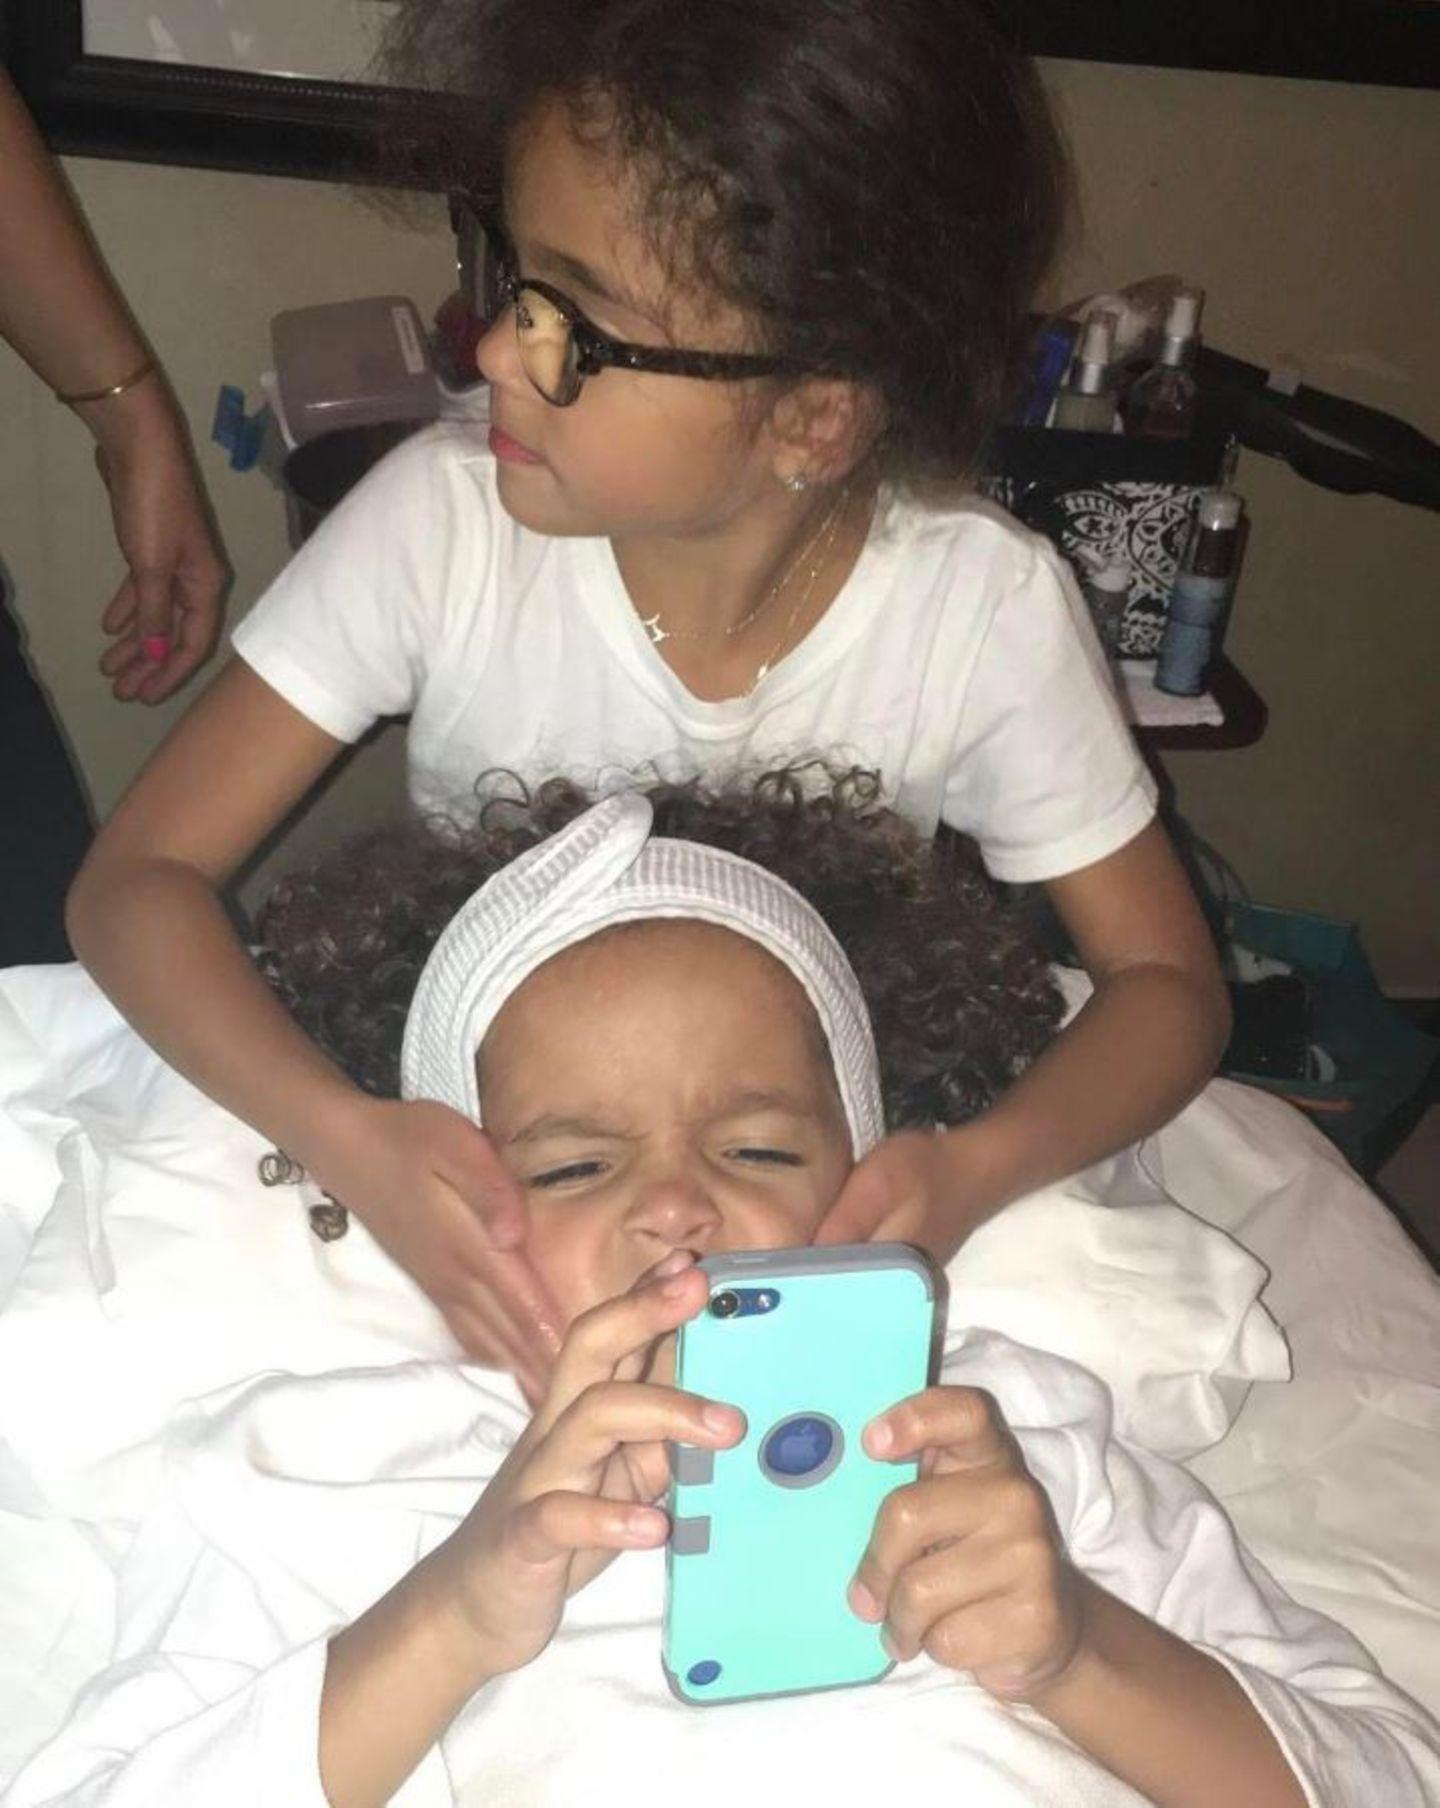 So ganz begeistert sieht Mariahs Sohn Moroccan bei seiner Gesichtsbehandlung nicht aus. Vielleicht liegt es ja an der Tatsache, dass seine Schwester Monroe sich daran versucht.